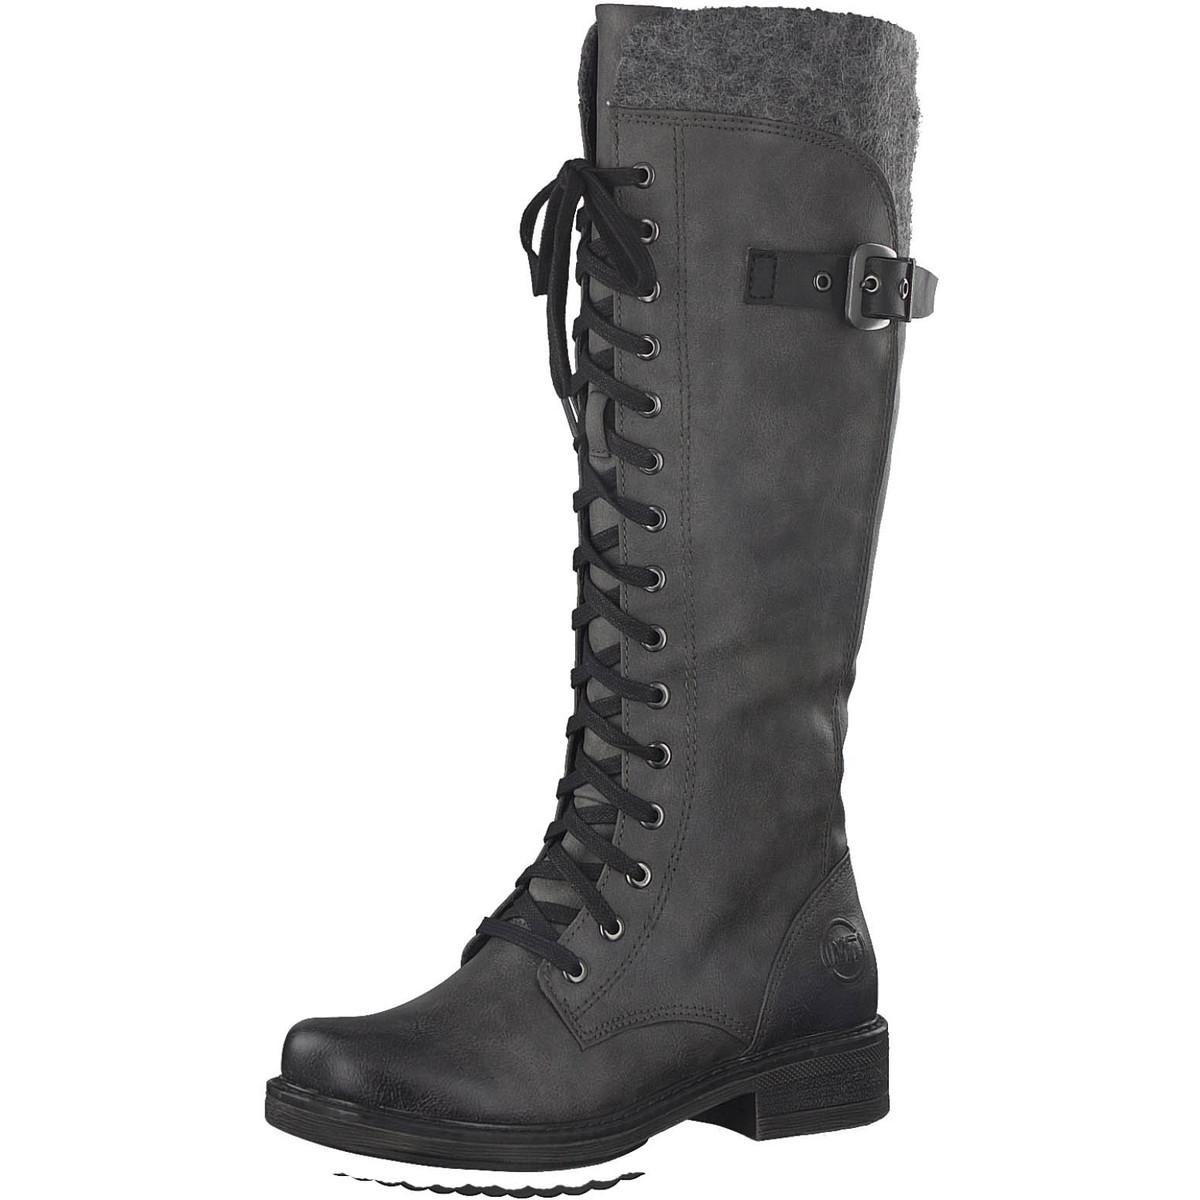 Marco Tozzi Meto Lacetop 26219 21 226 226 226 Dark Grau knee high Stiefel 1543e7